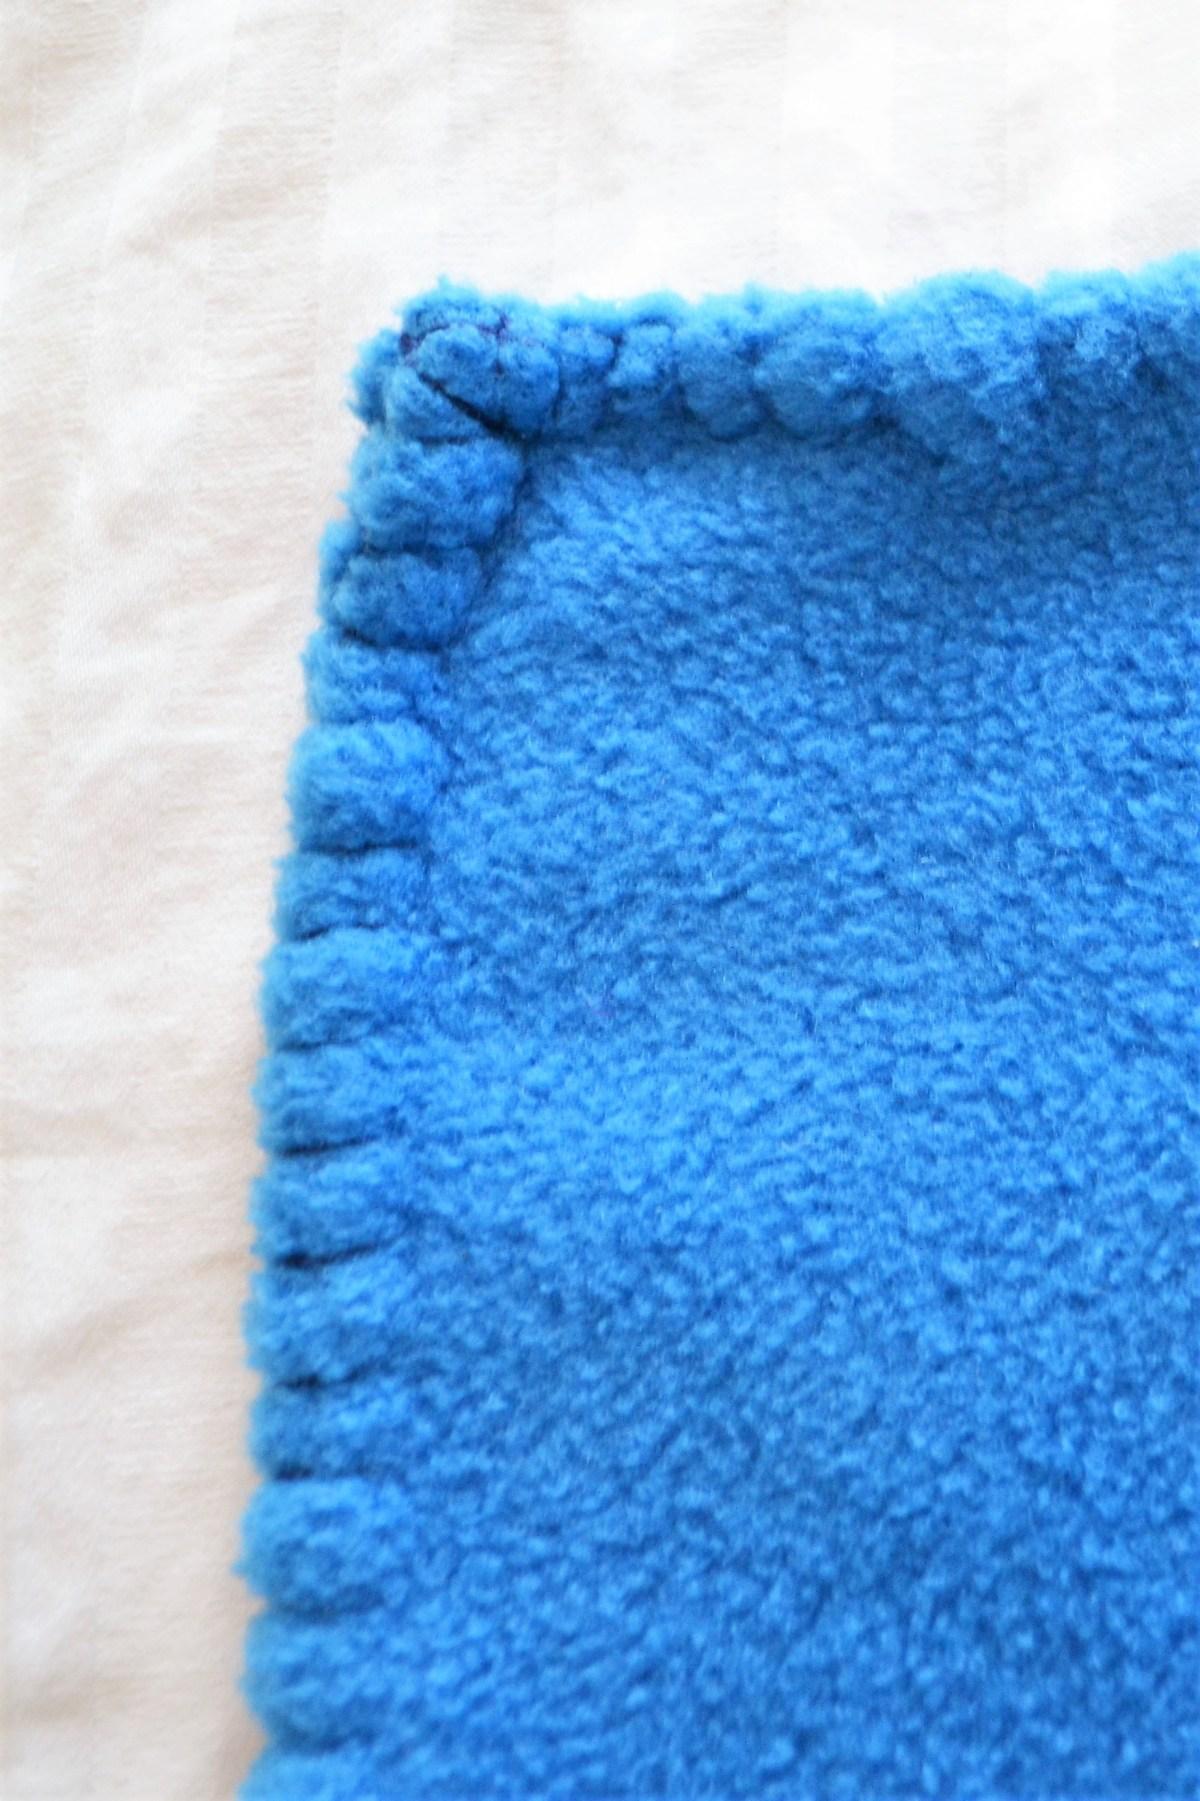 Hand Sewn Fleece Toddler Blanket Tutorial! - The Blanket Stitch! - stitched corner